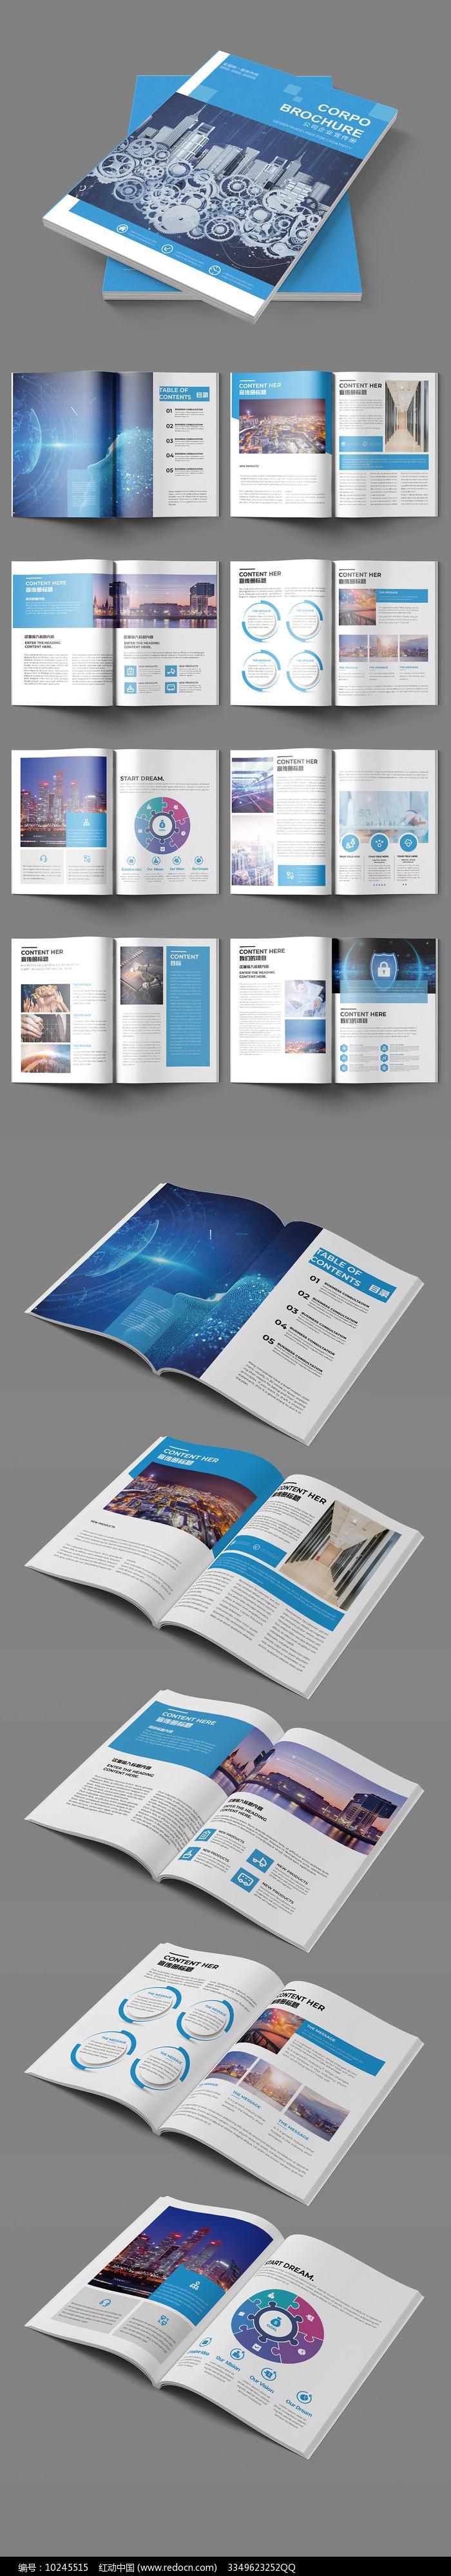 蓝色大气宣传册模板图片